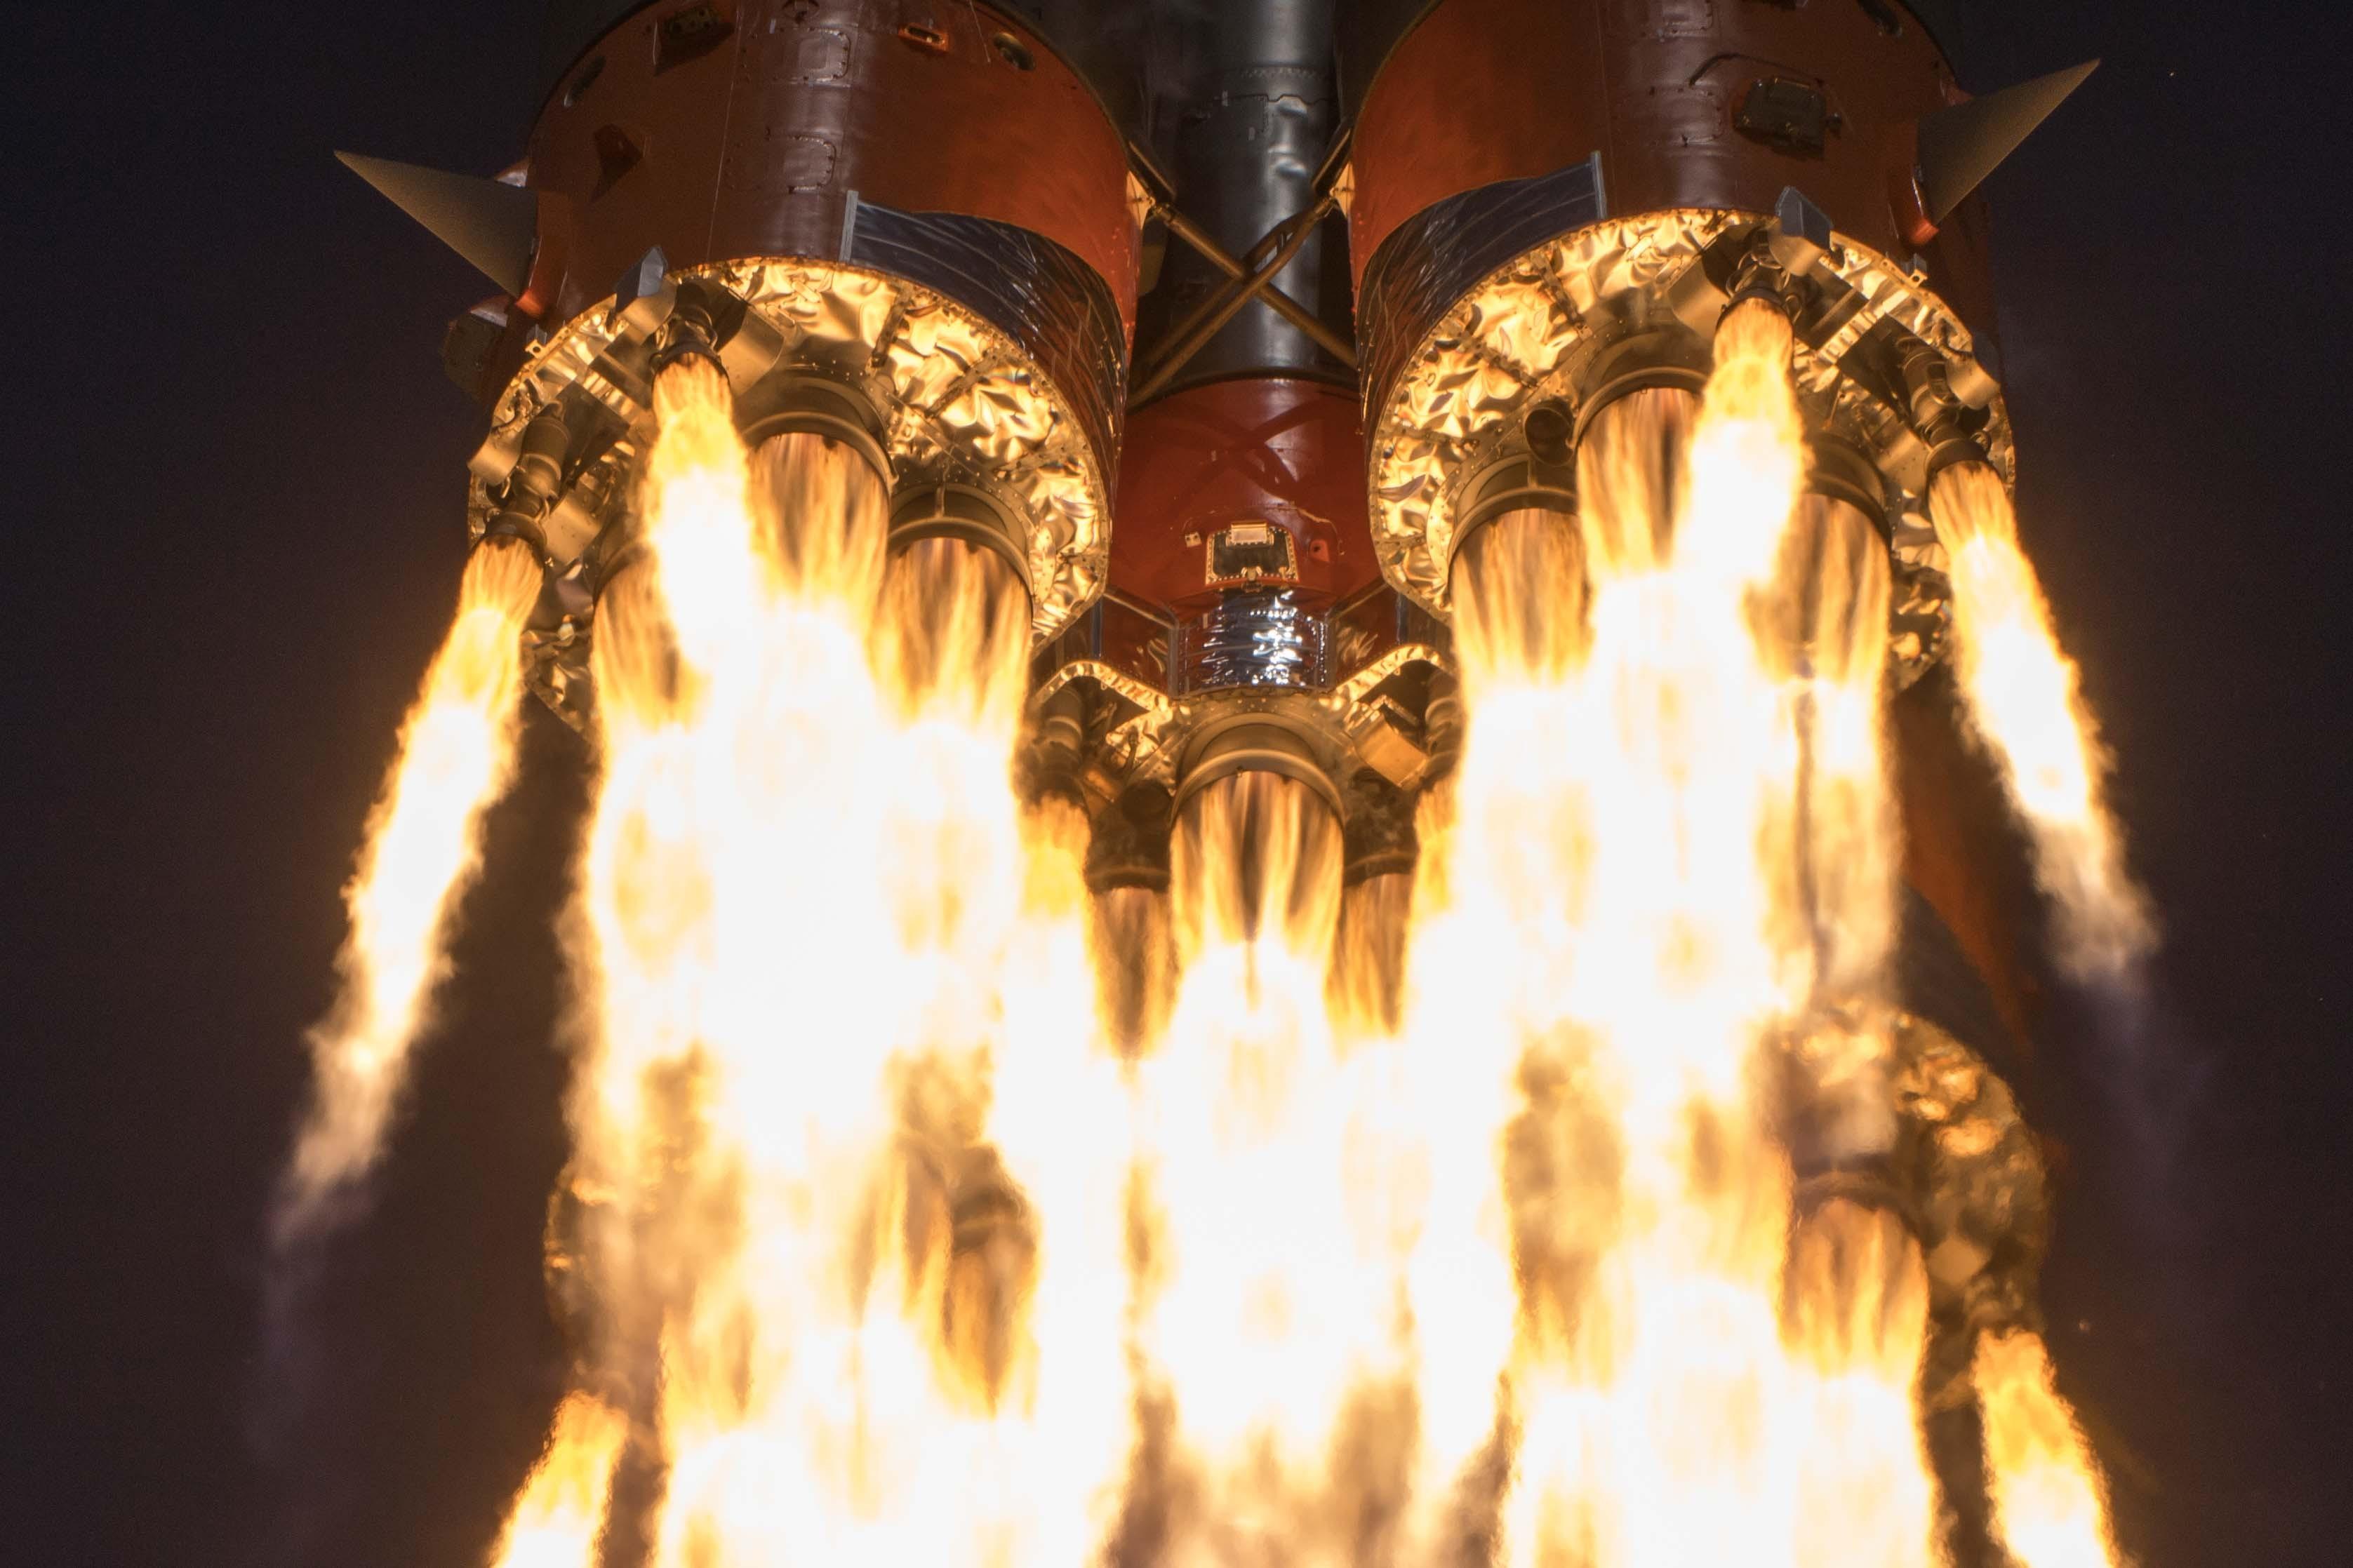 Em plena pandemia de coronavírus, três astronautas deixam a Terra para missão espacial